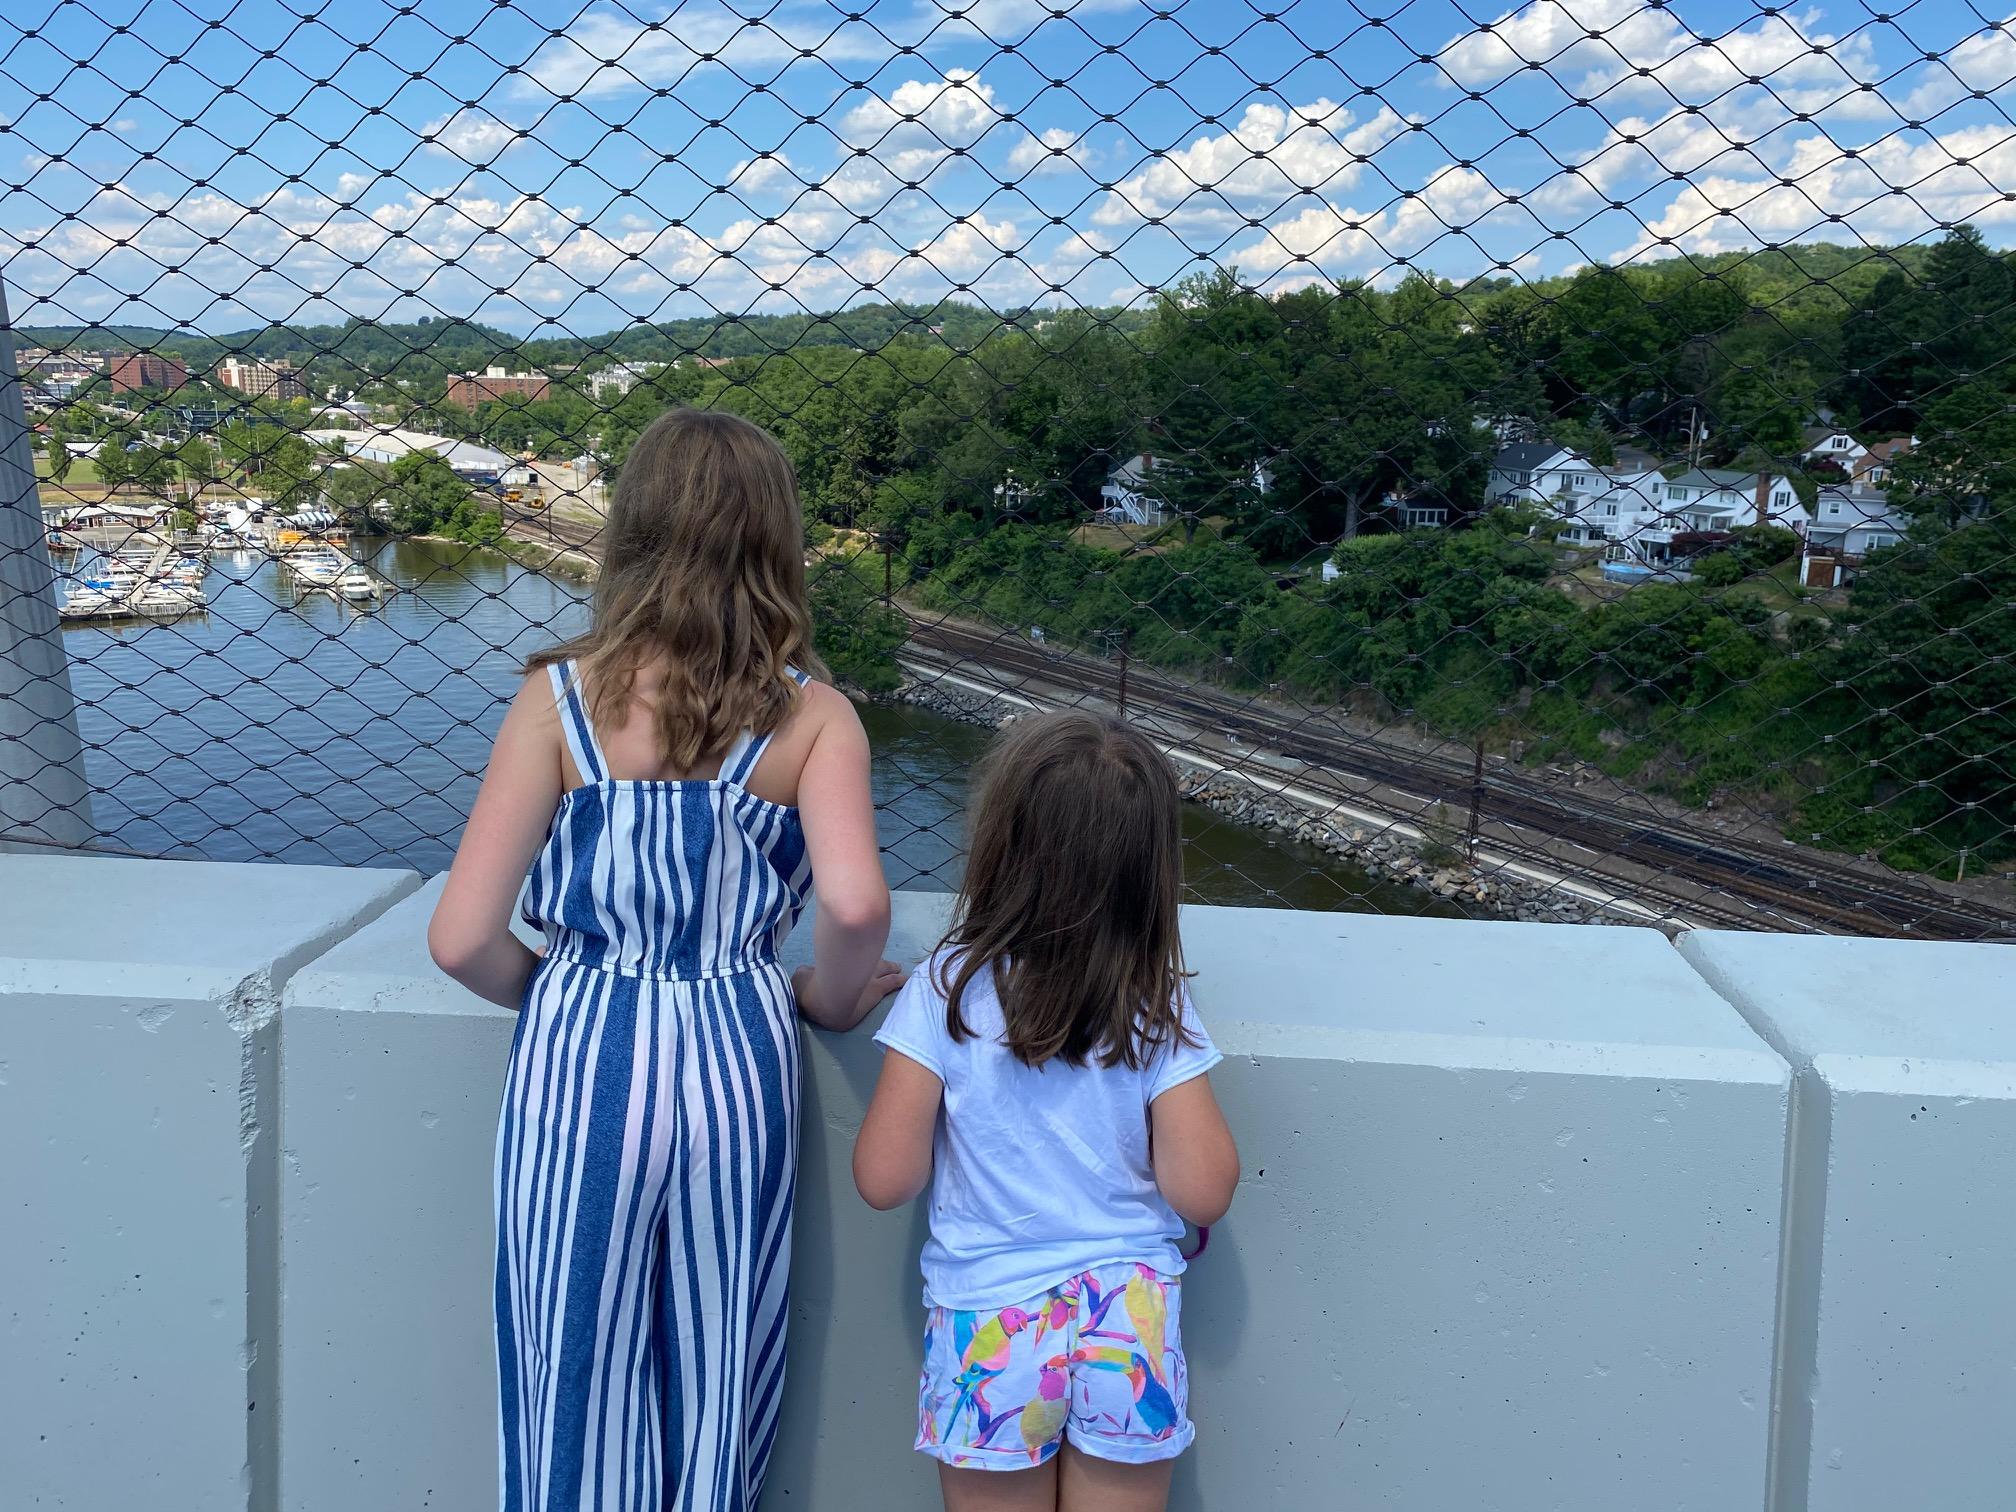 Governor Mario M. Cuomo Bridge Path looking